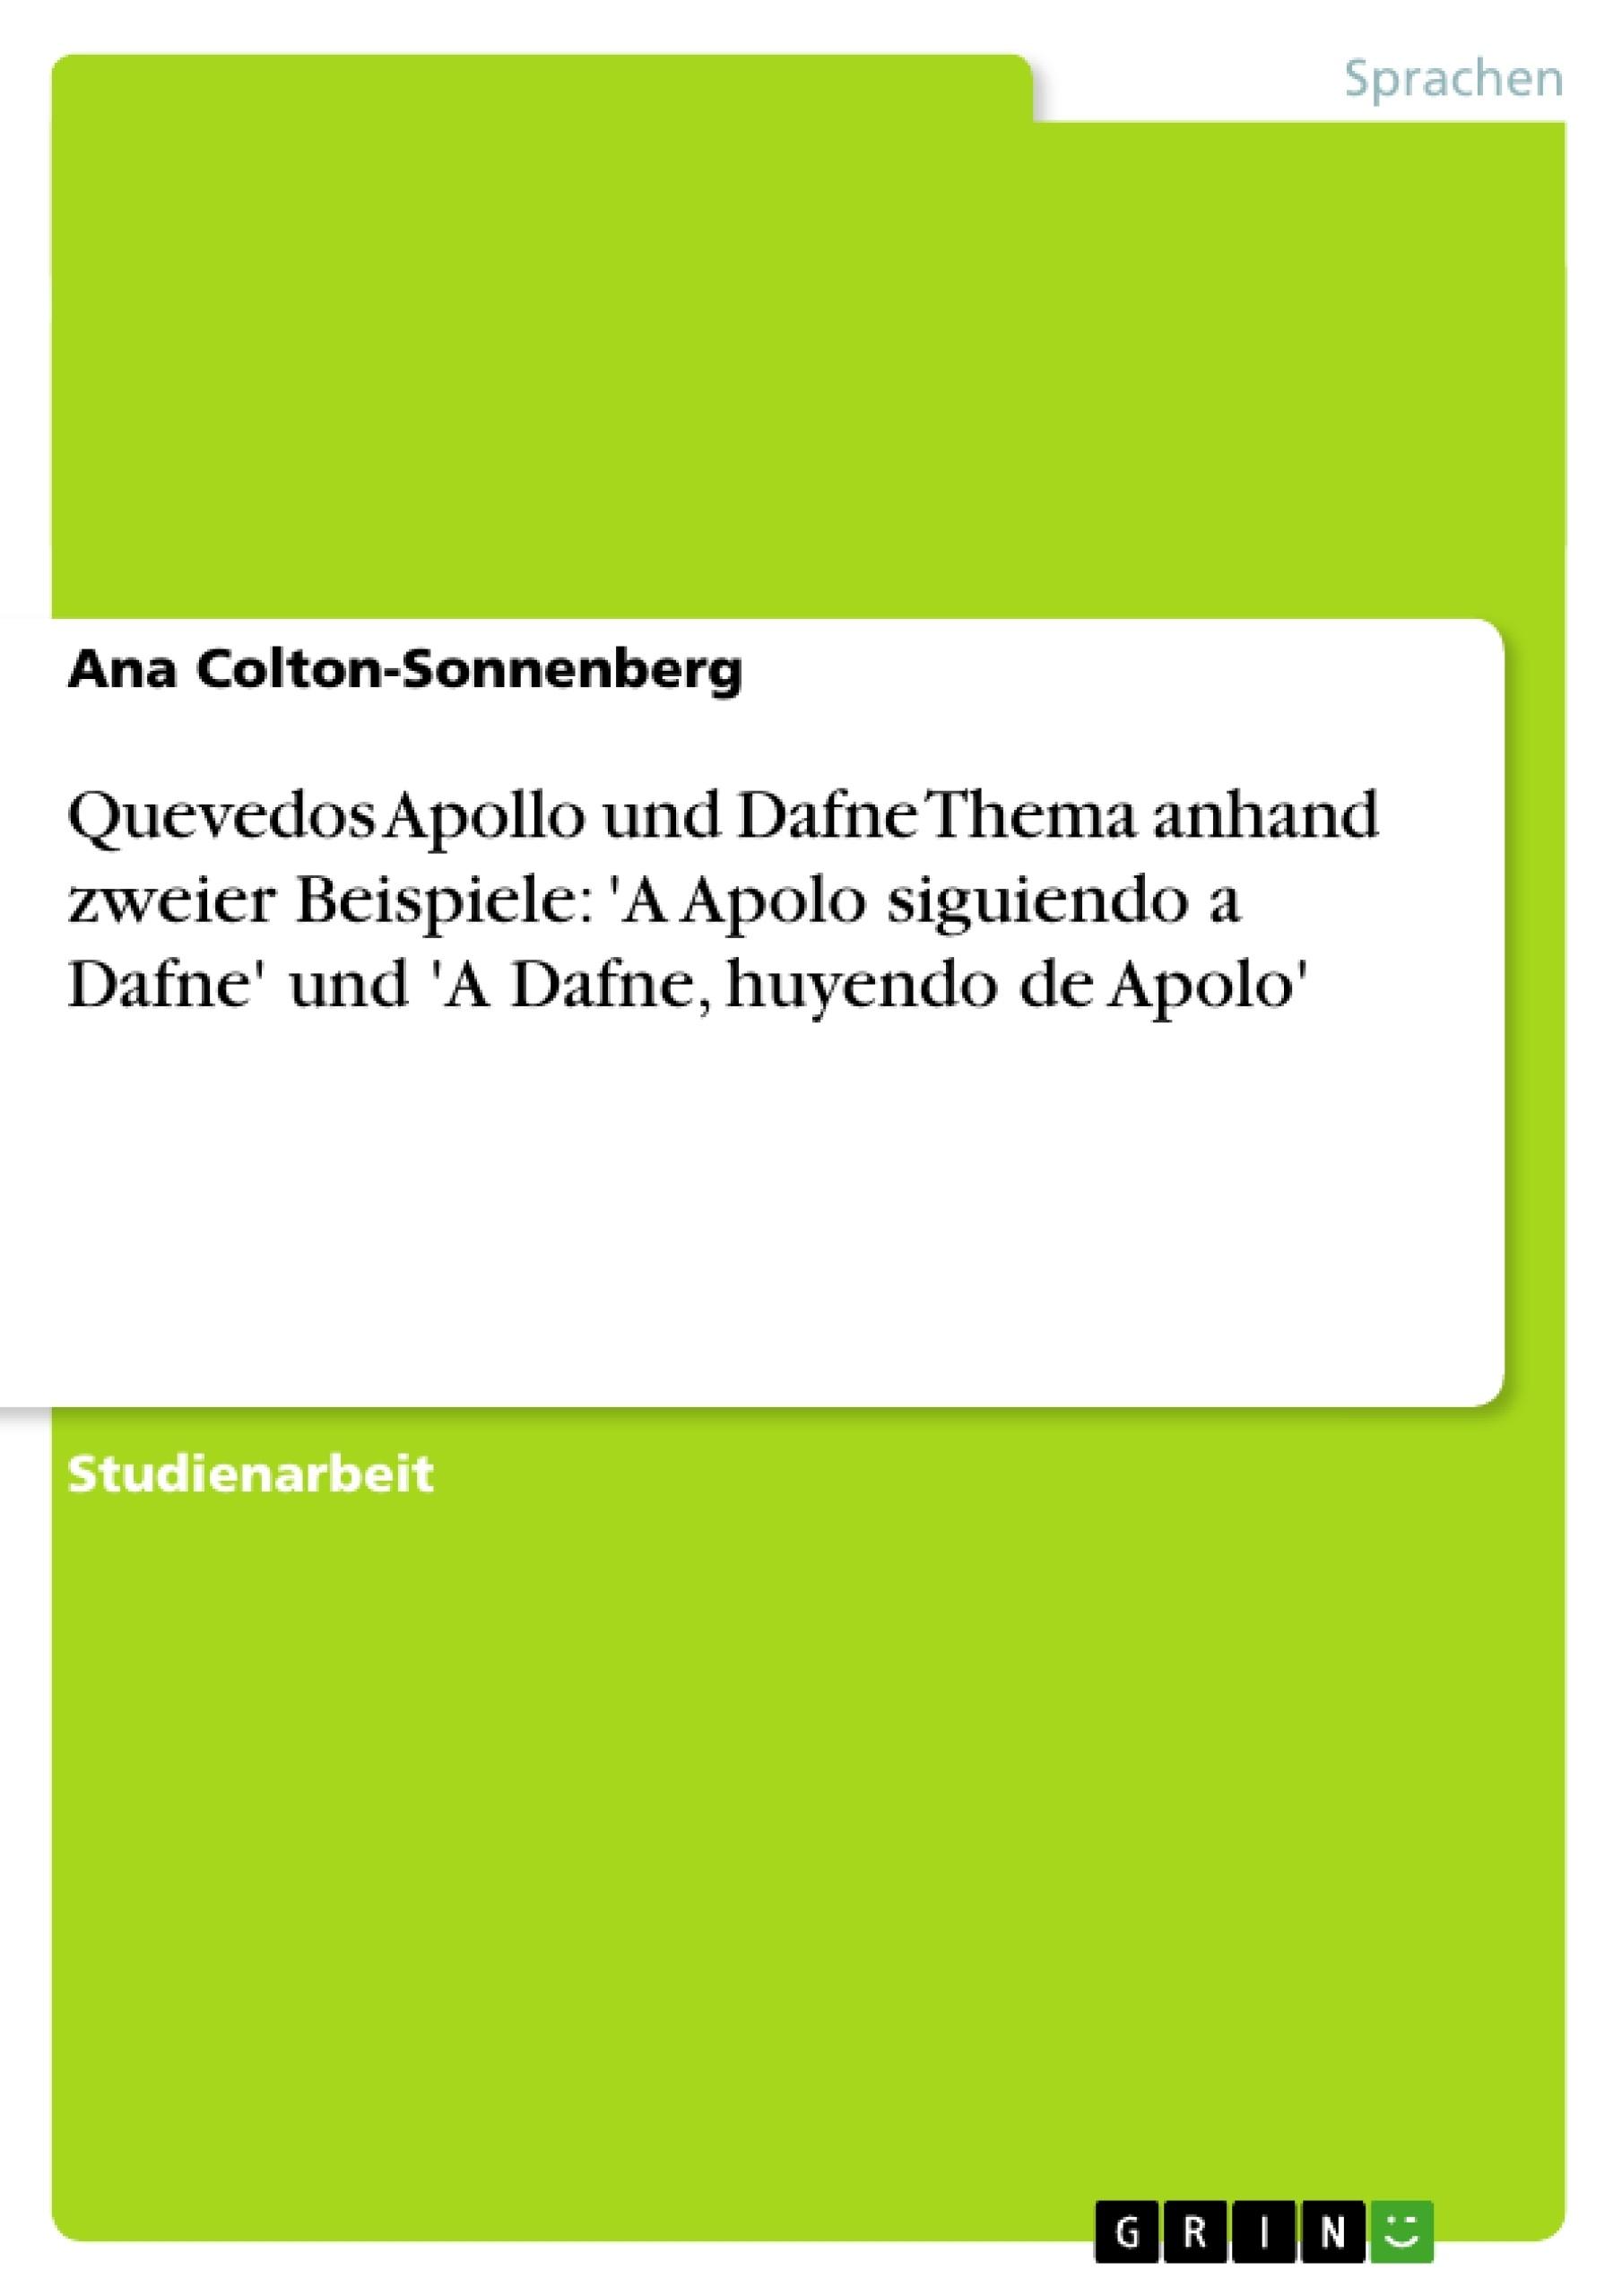 Titel: Quevedos Apollo und Dafne Thema anhand zweier Beispiele:  'A Apolo siguiendo a Dafne' und  'A Dafne, huyendo de Apolo'